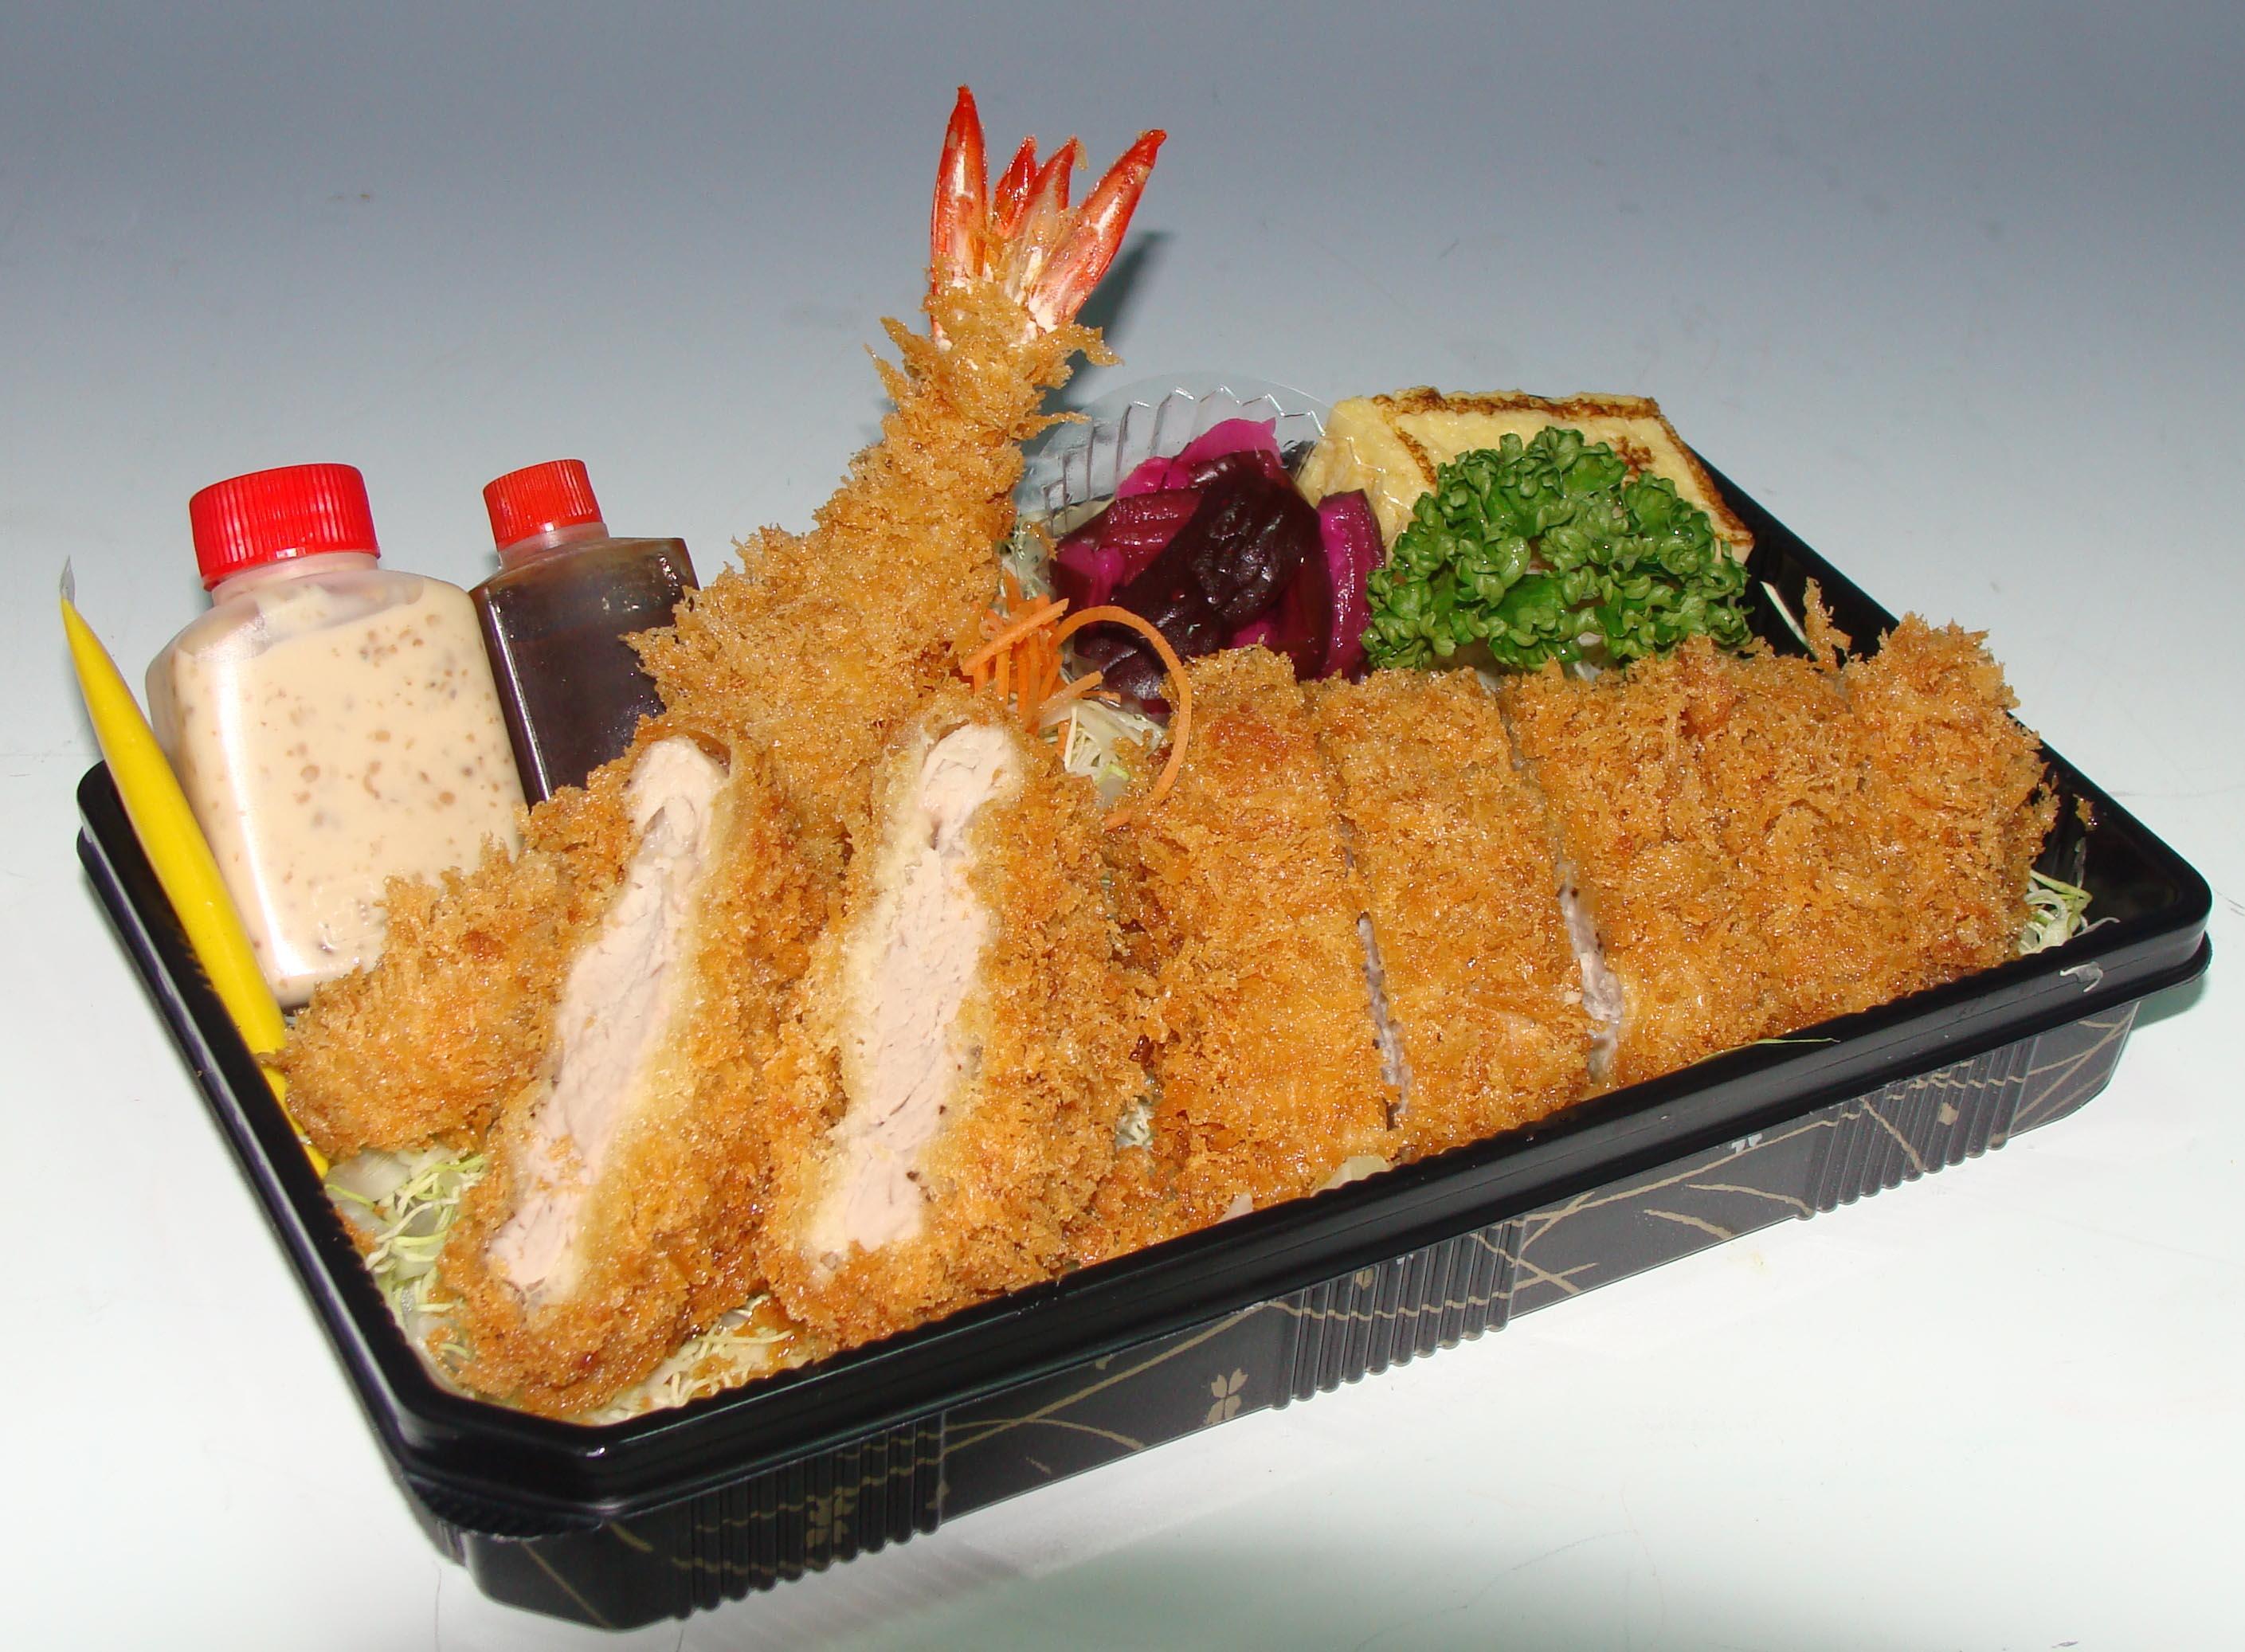 五目のせ冷麺 1800円|寺門ジモンが絶賛 高級中華店の… 写真1/1